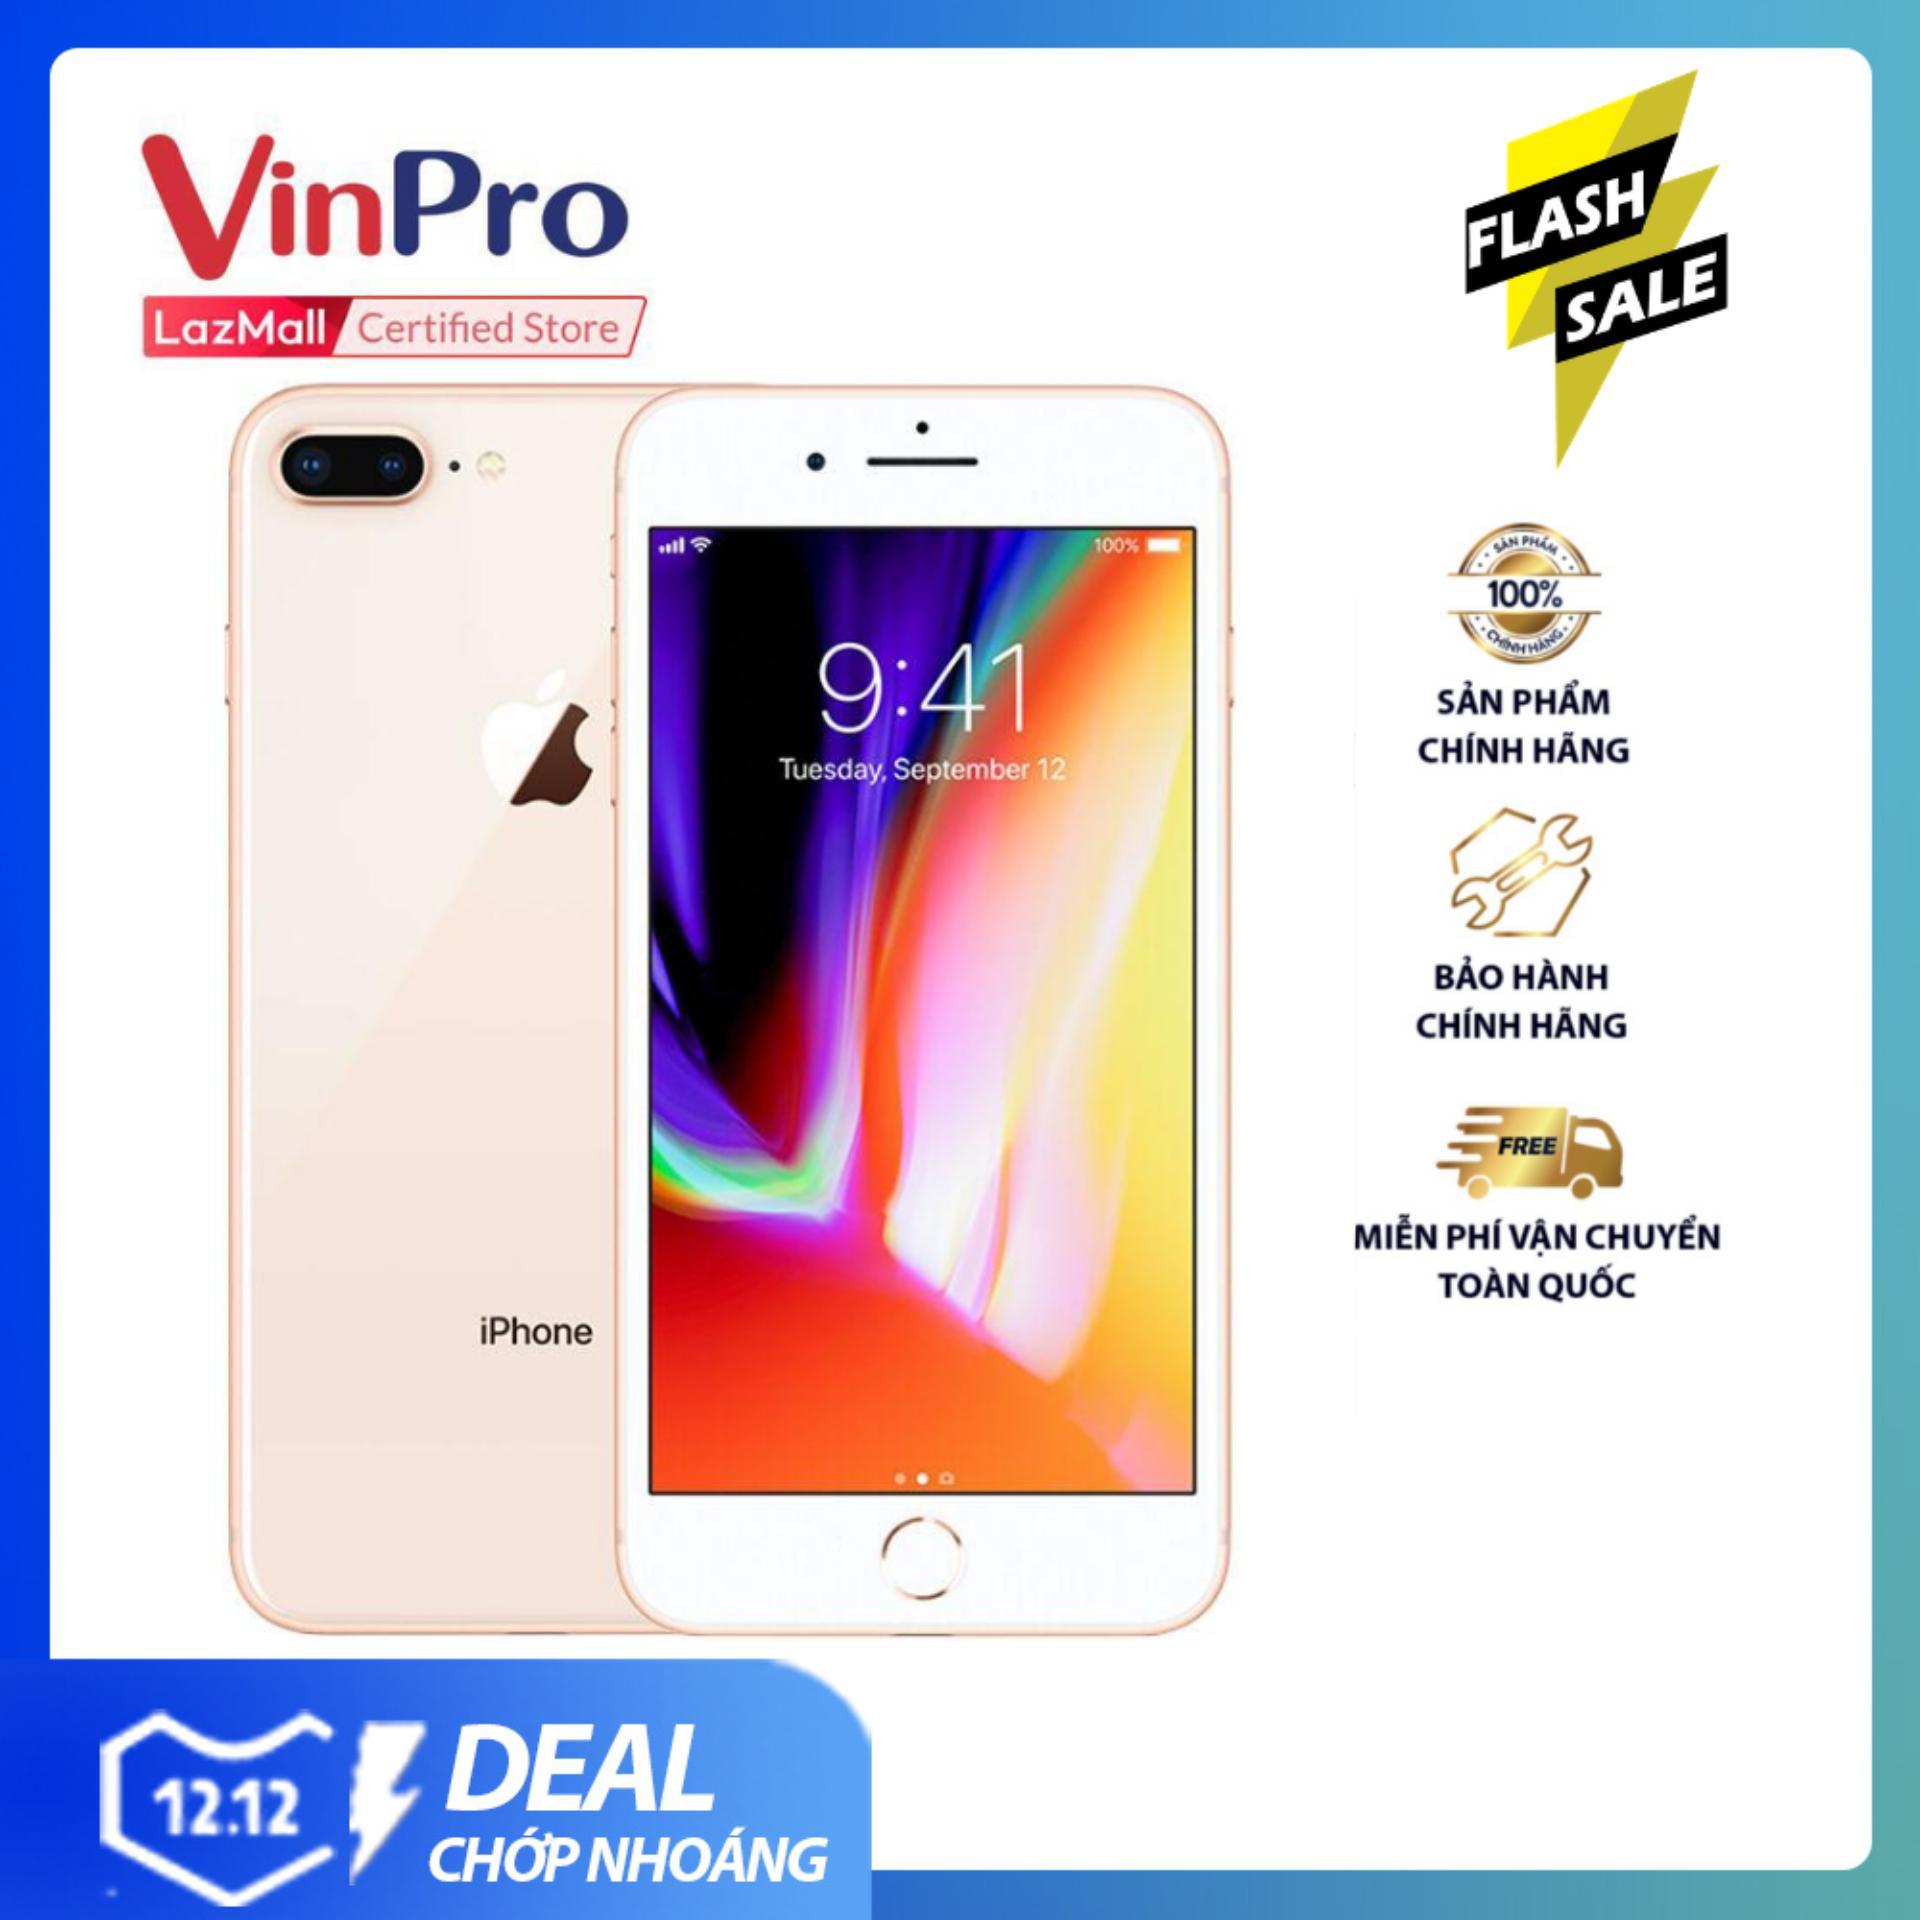 Mã Khuyến Mại Điện Thoại Iphone 8 Plus 64GB Vàng VN/A - Hàng Chính Hãng - Màn Hình Full HD 5.5 Inch, Chipset 6 Nhân, Thiết Kế Sang Trọng